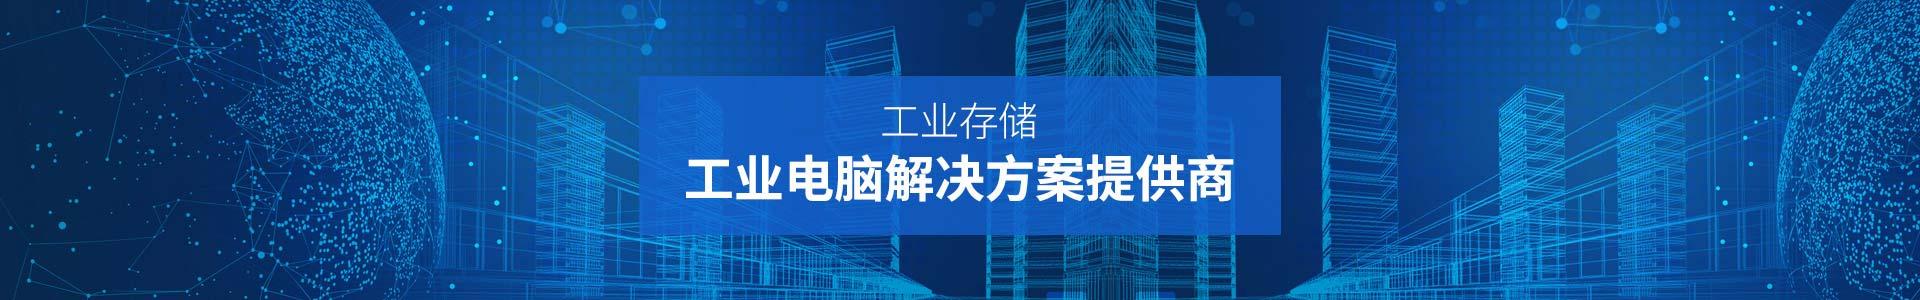 联乐实业-工业存储、工业电脑解决方案提供商